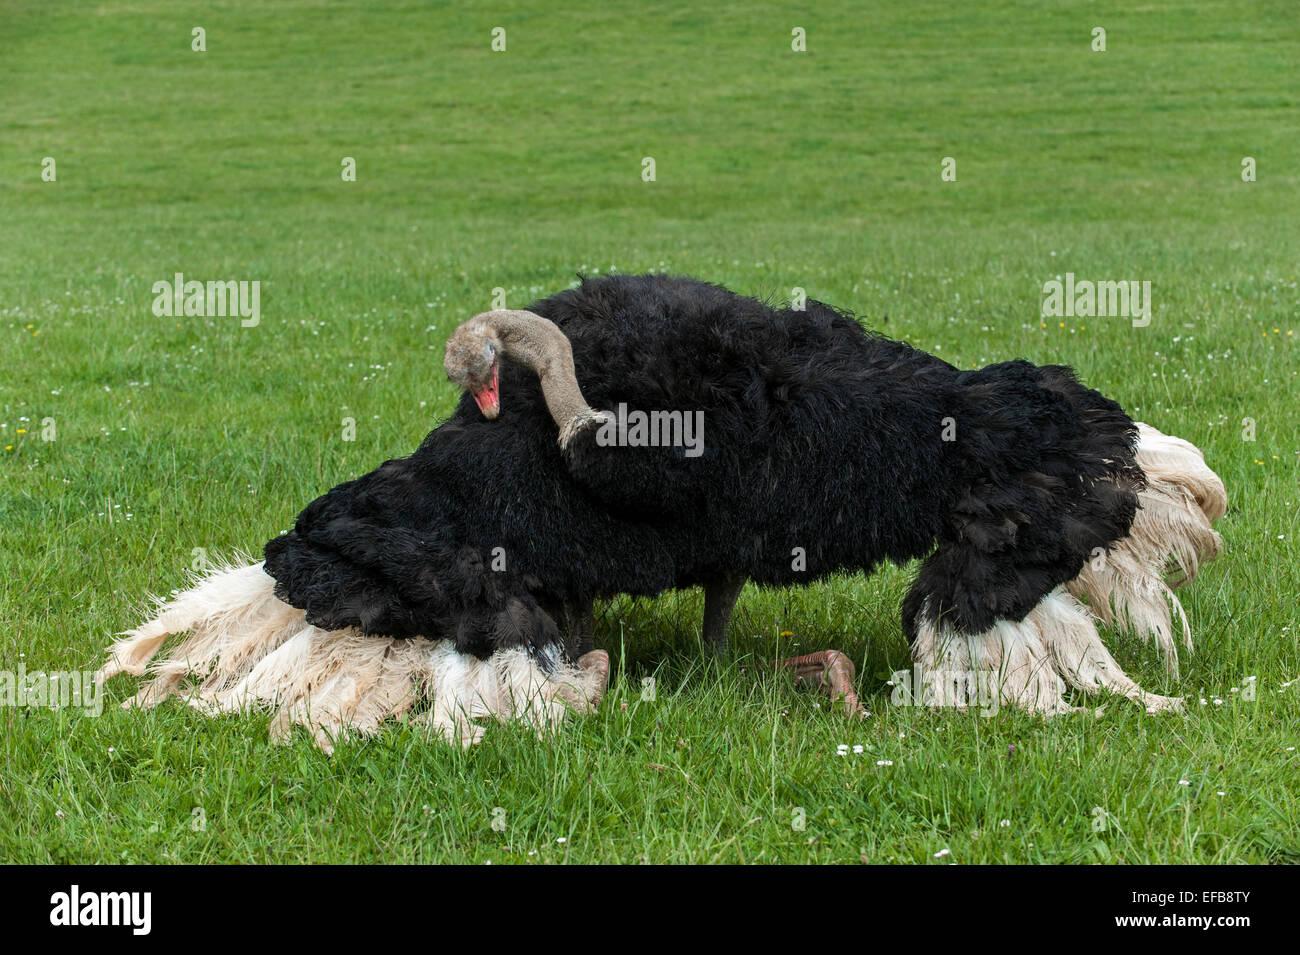 Comunes de avestruz (Struthio camelus) macho realizar danza de apareamiento como cortejo mostrar Imagen De Stock